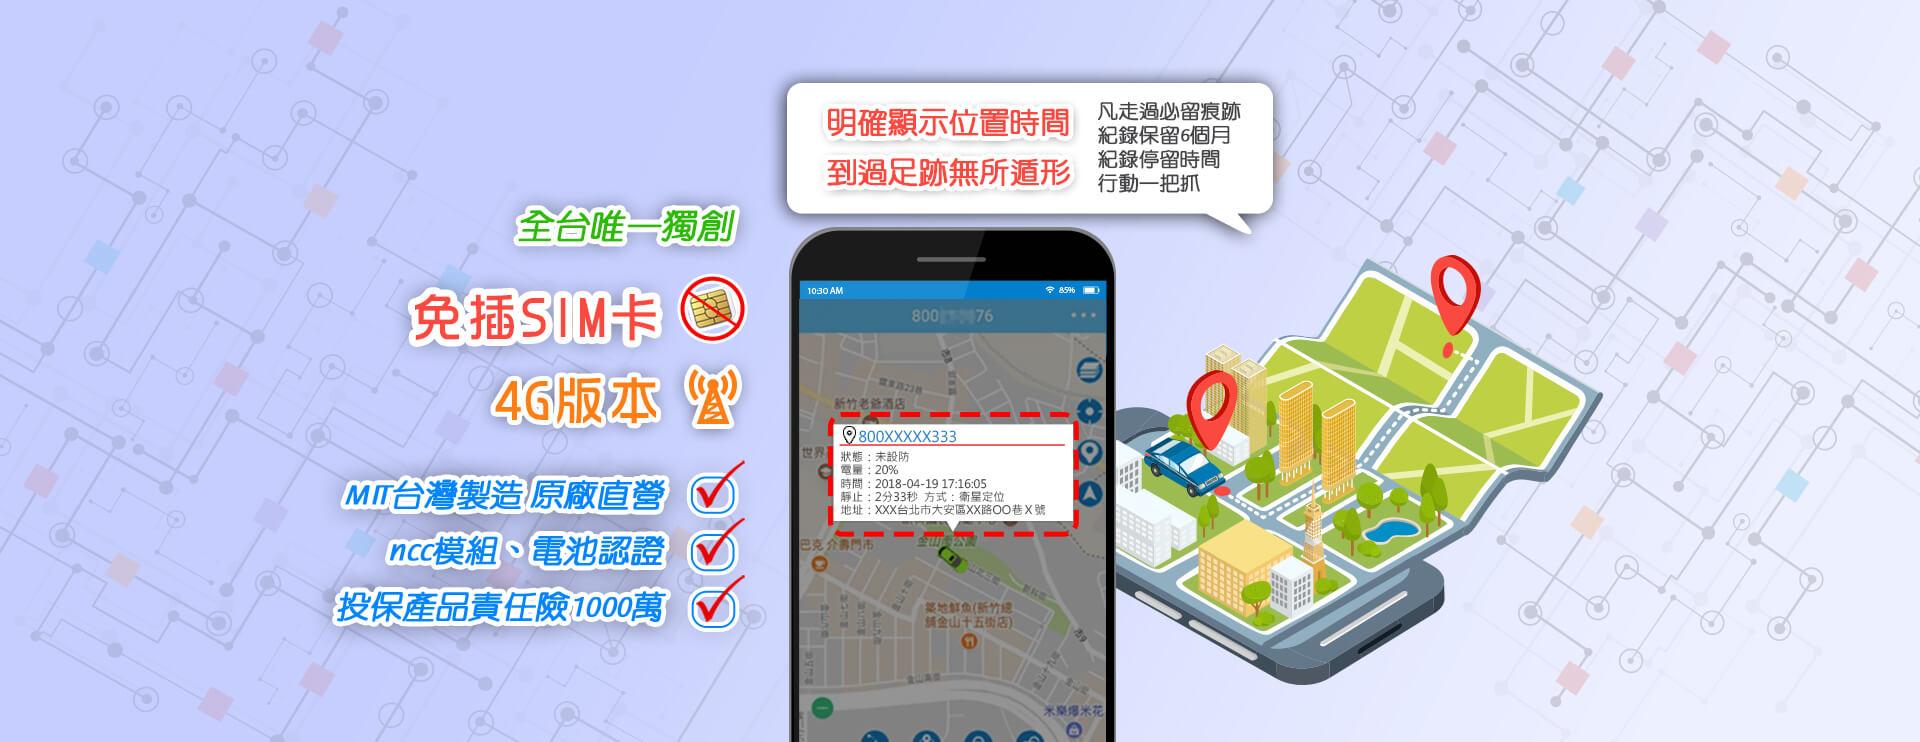 追蹤器-GPS定位追蹤器-GPS定位追蹤器價格-追蹤器價格-徵信器材